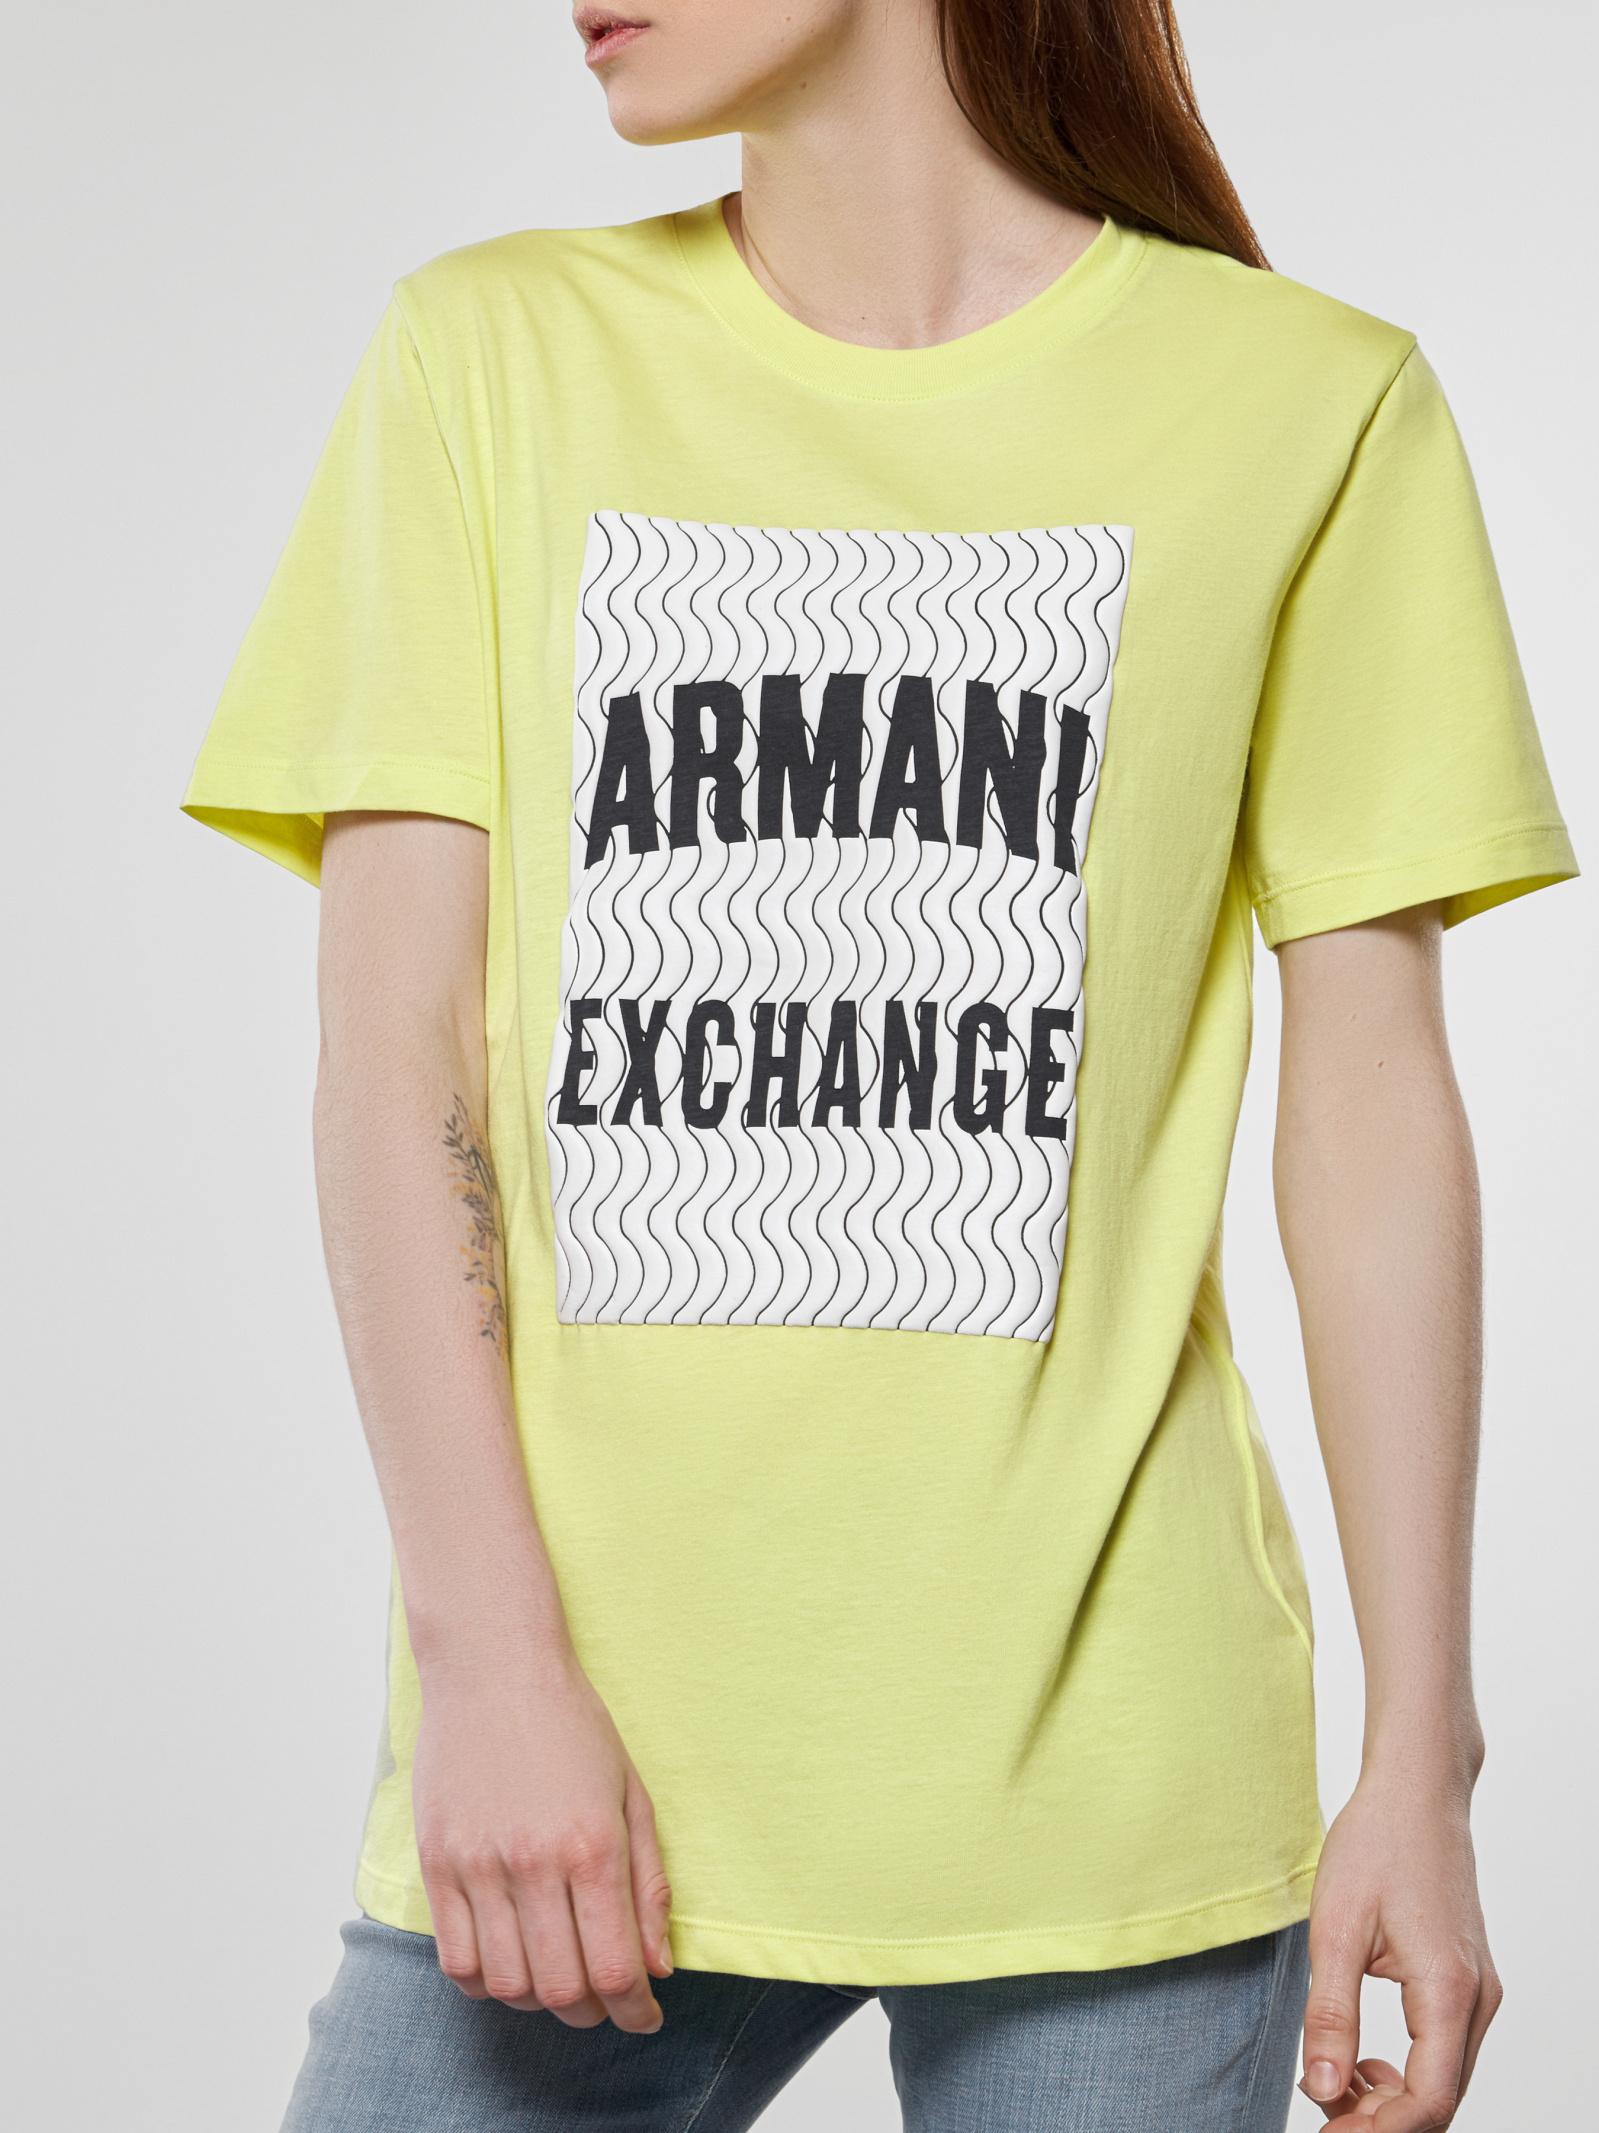 Футболка жіноча Armani Exchange модель 3HYTAM-YJ73Z-1846 - фото